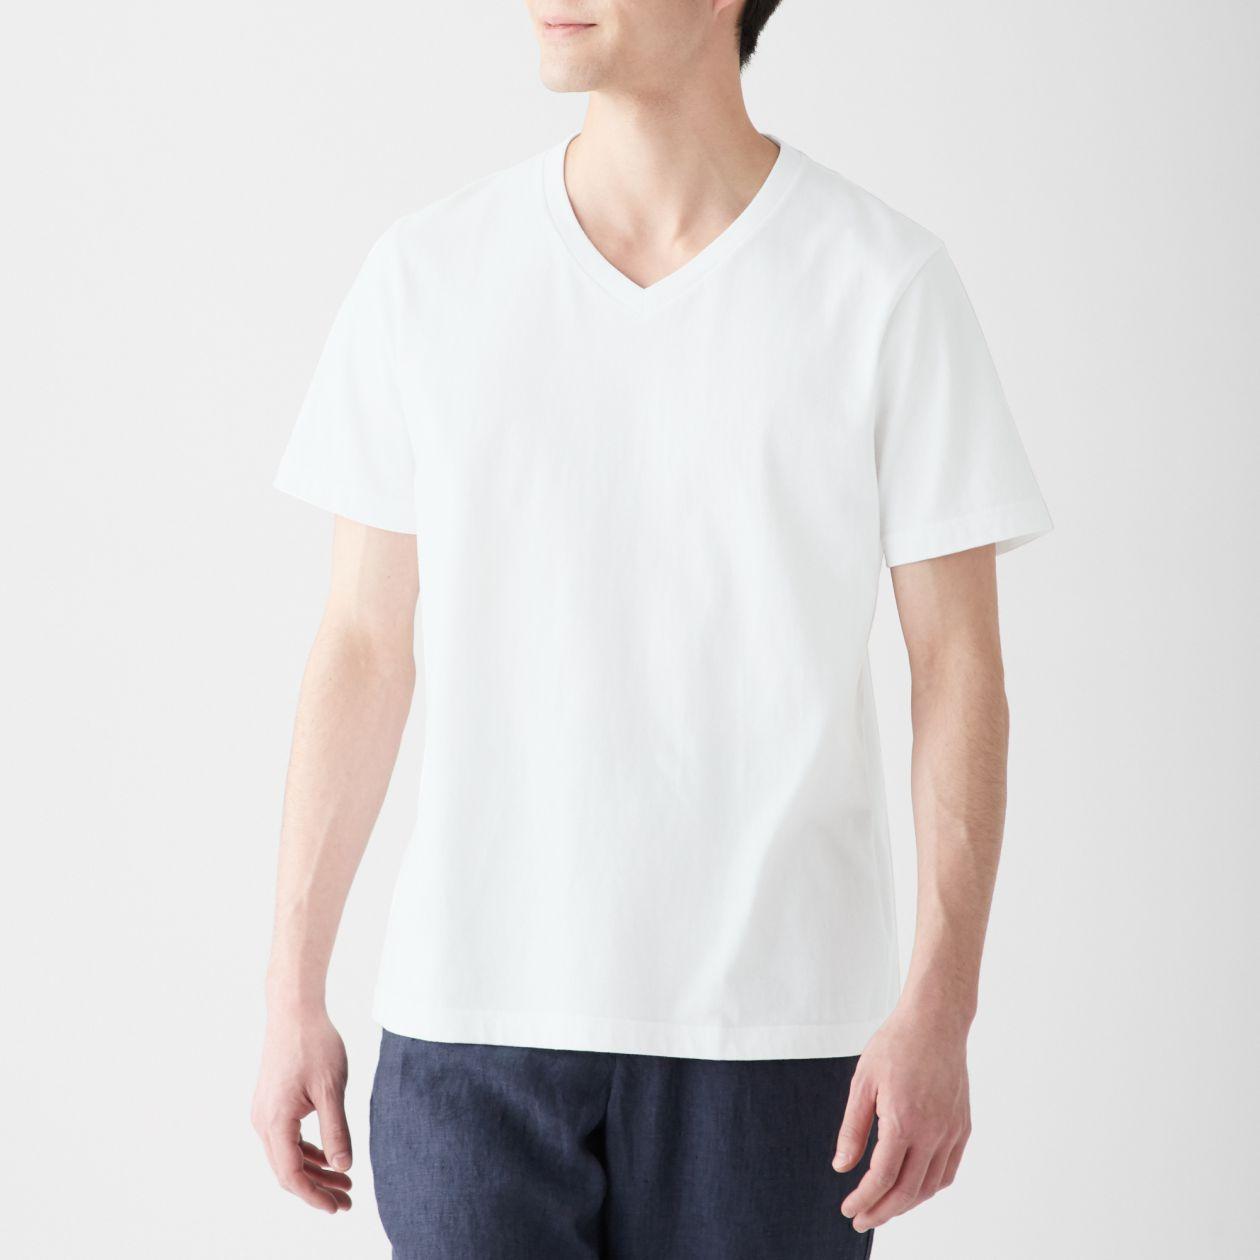 インド綿 天竺編みVネック半袖Tシャツ